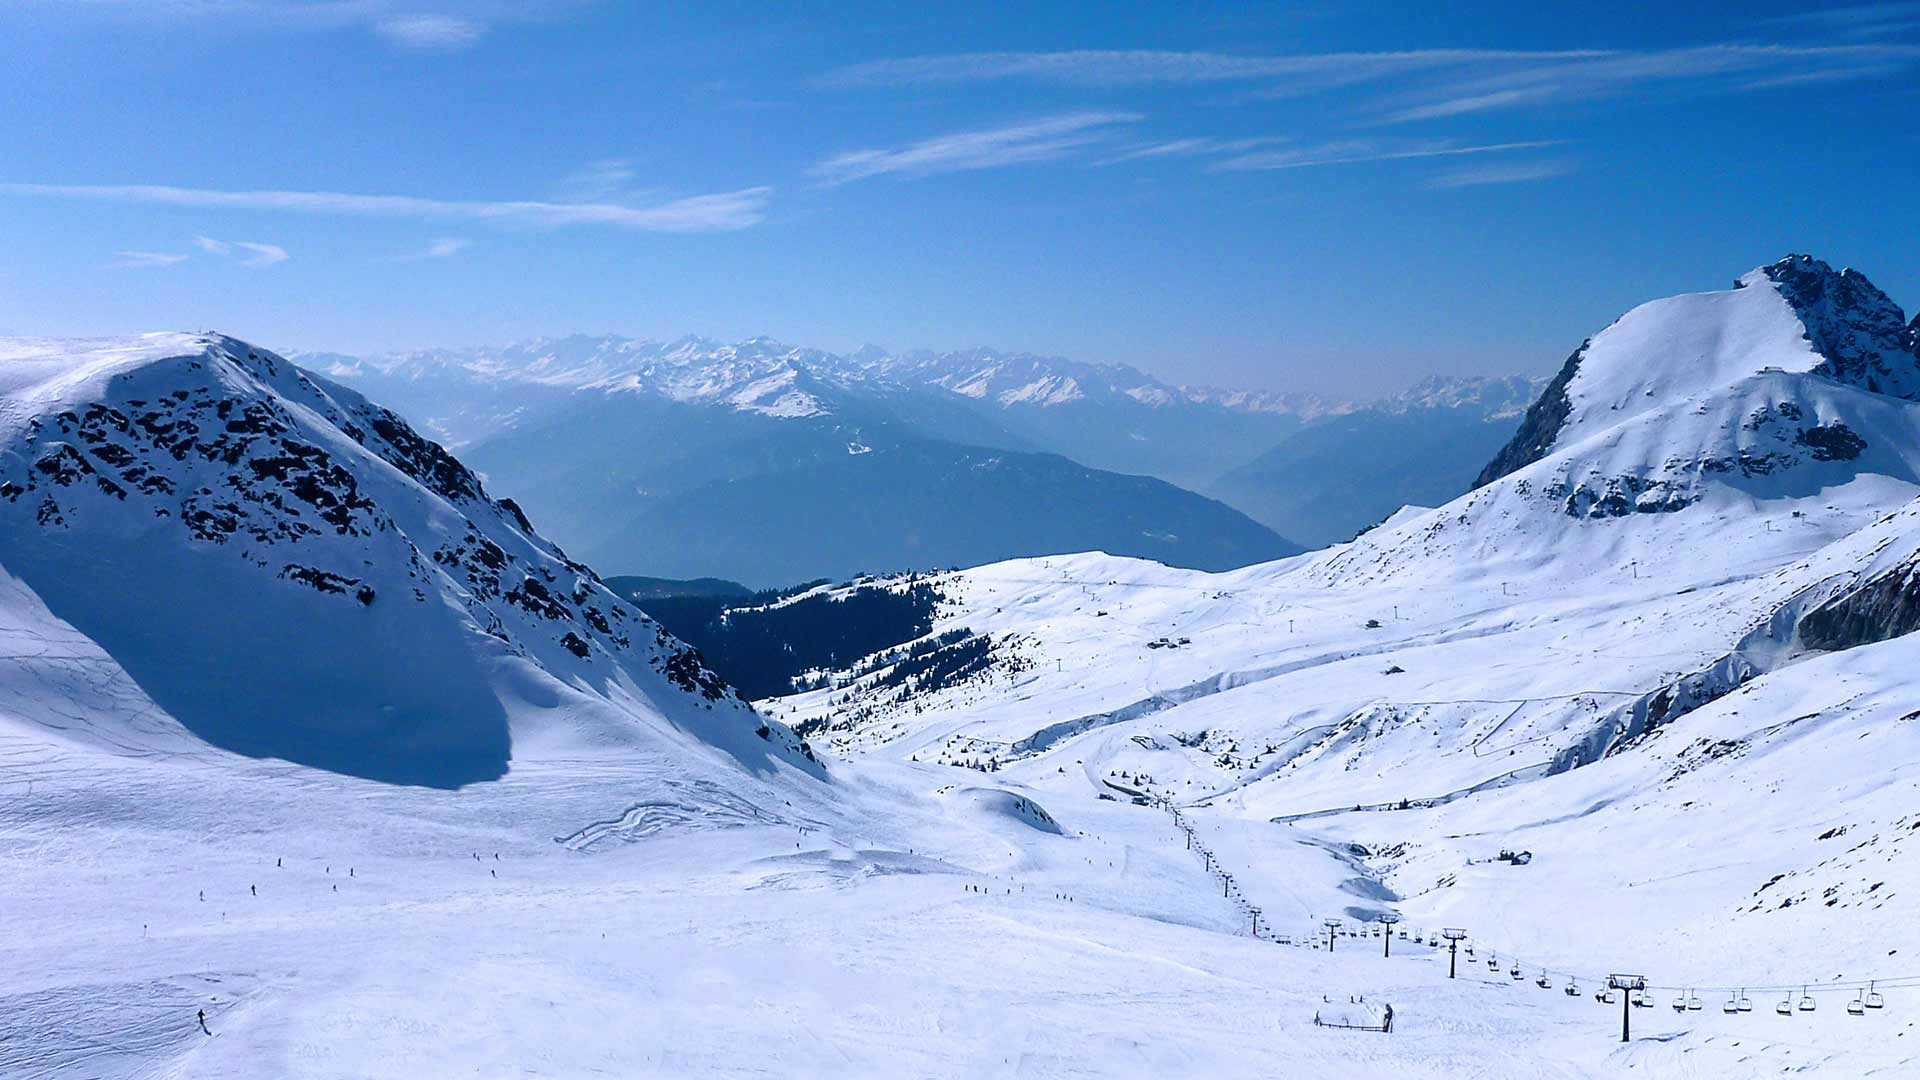 Blick auf das Skigebiet Meran 2000